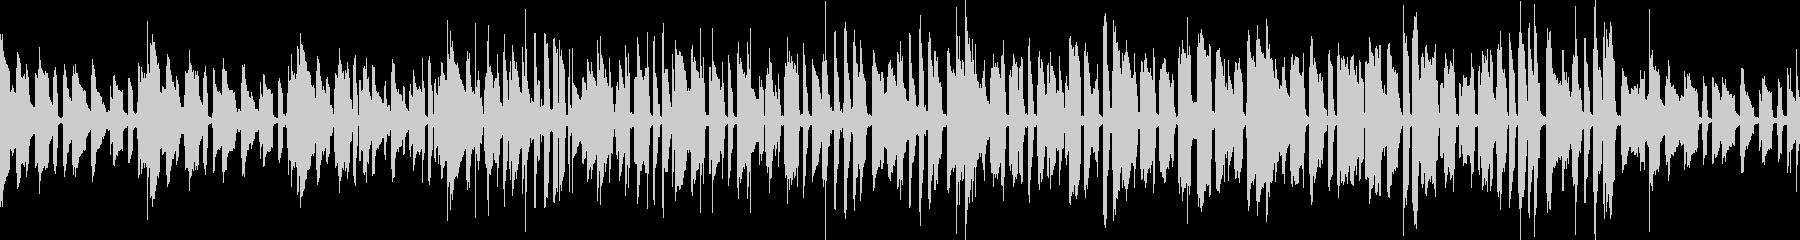 トロンボーンのメロディーの未再生の波形